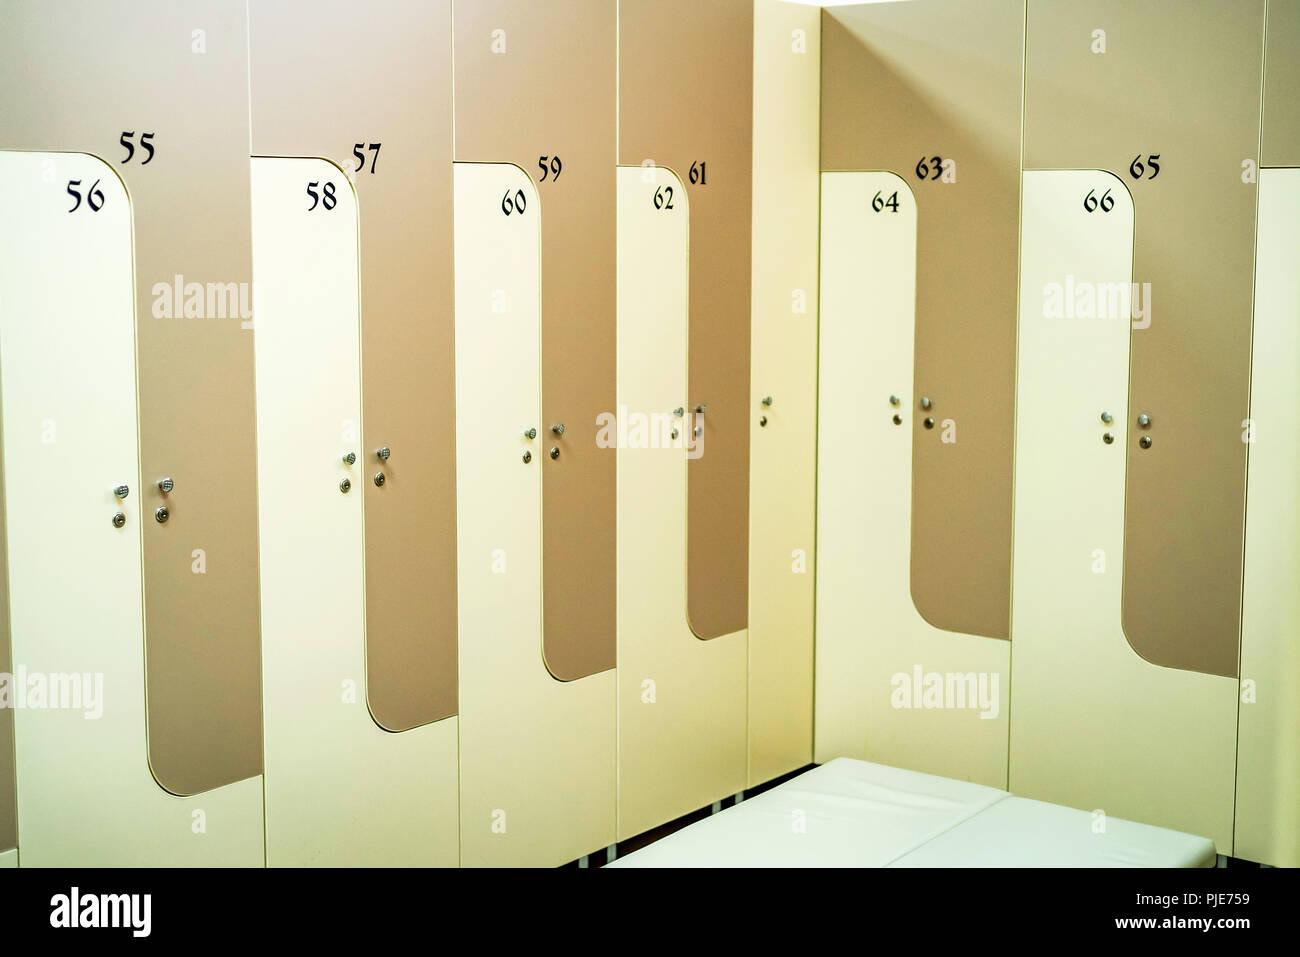 Armadietti Spogliatoio Per Palestra.Armadietti In Legno In Sport Palestra Spogliatoi Foto